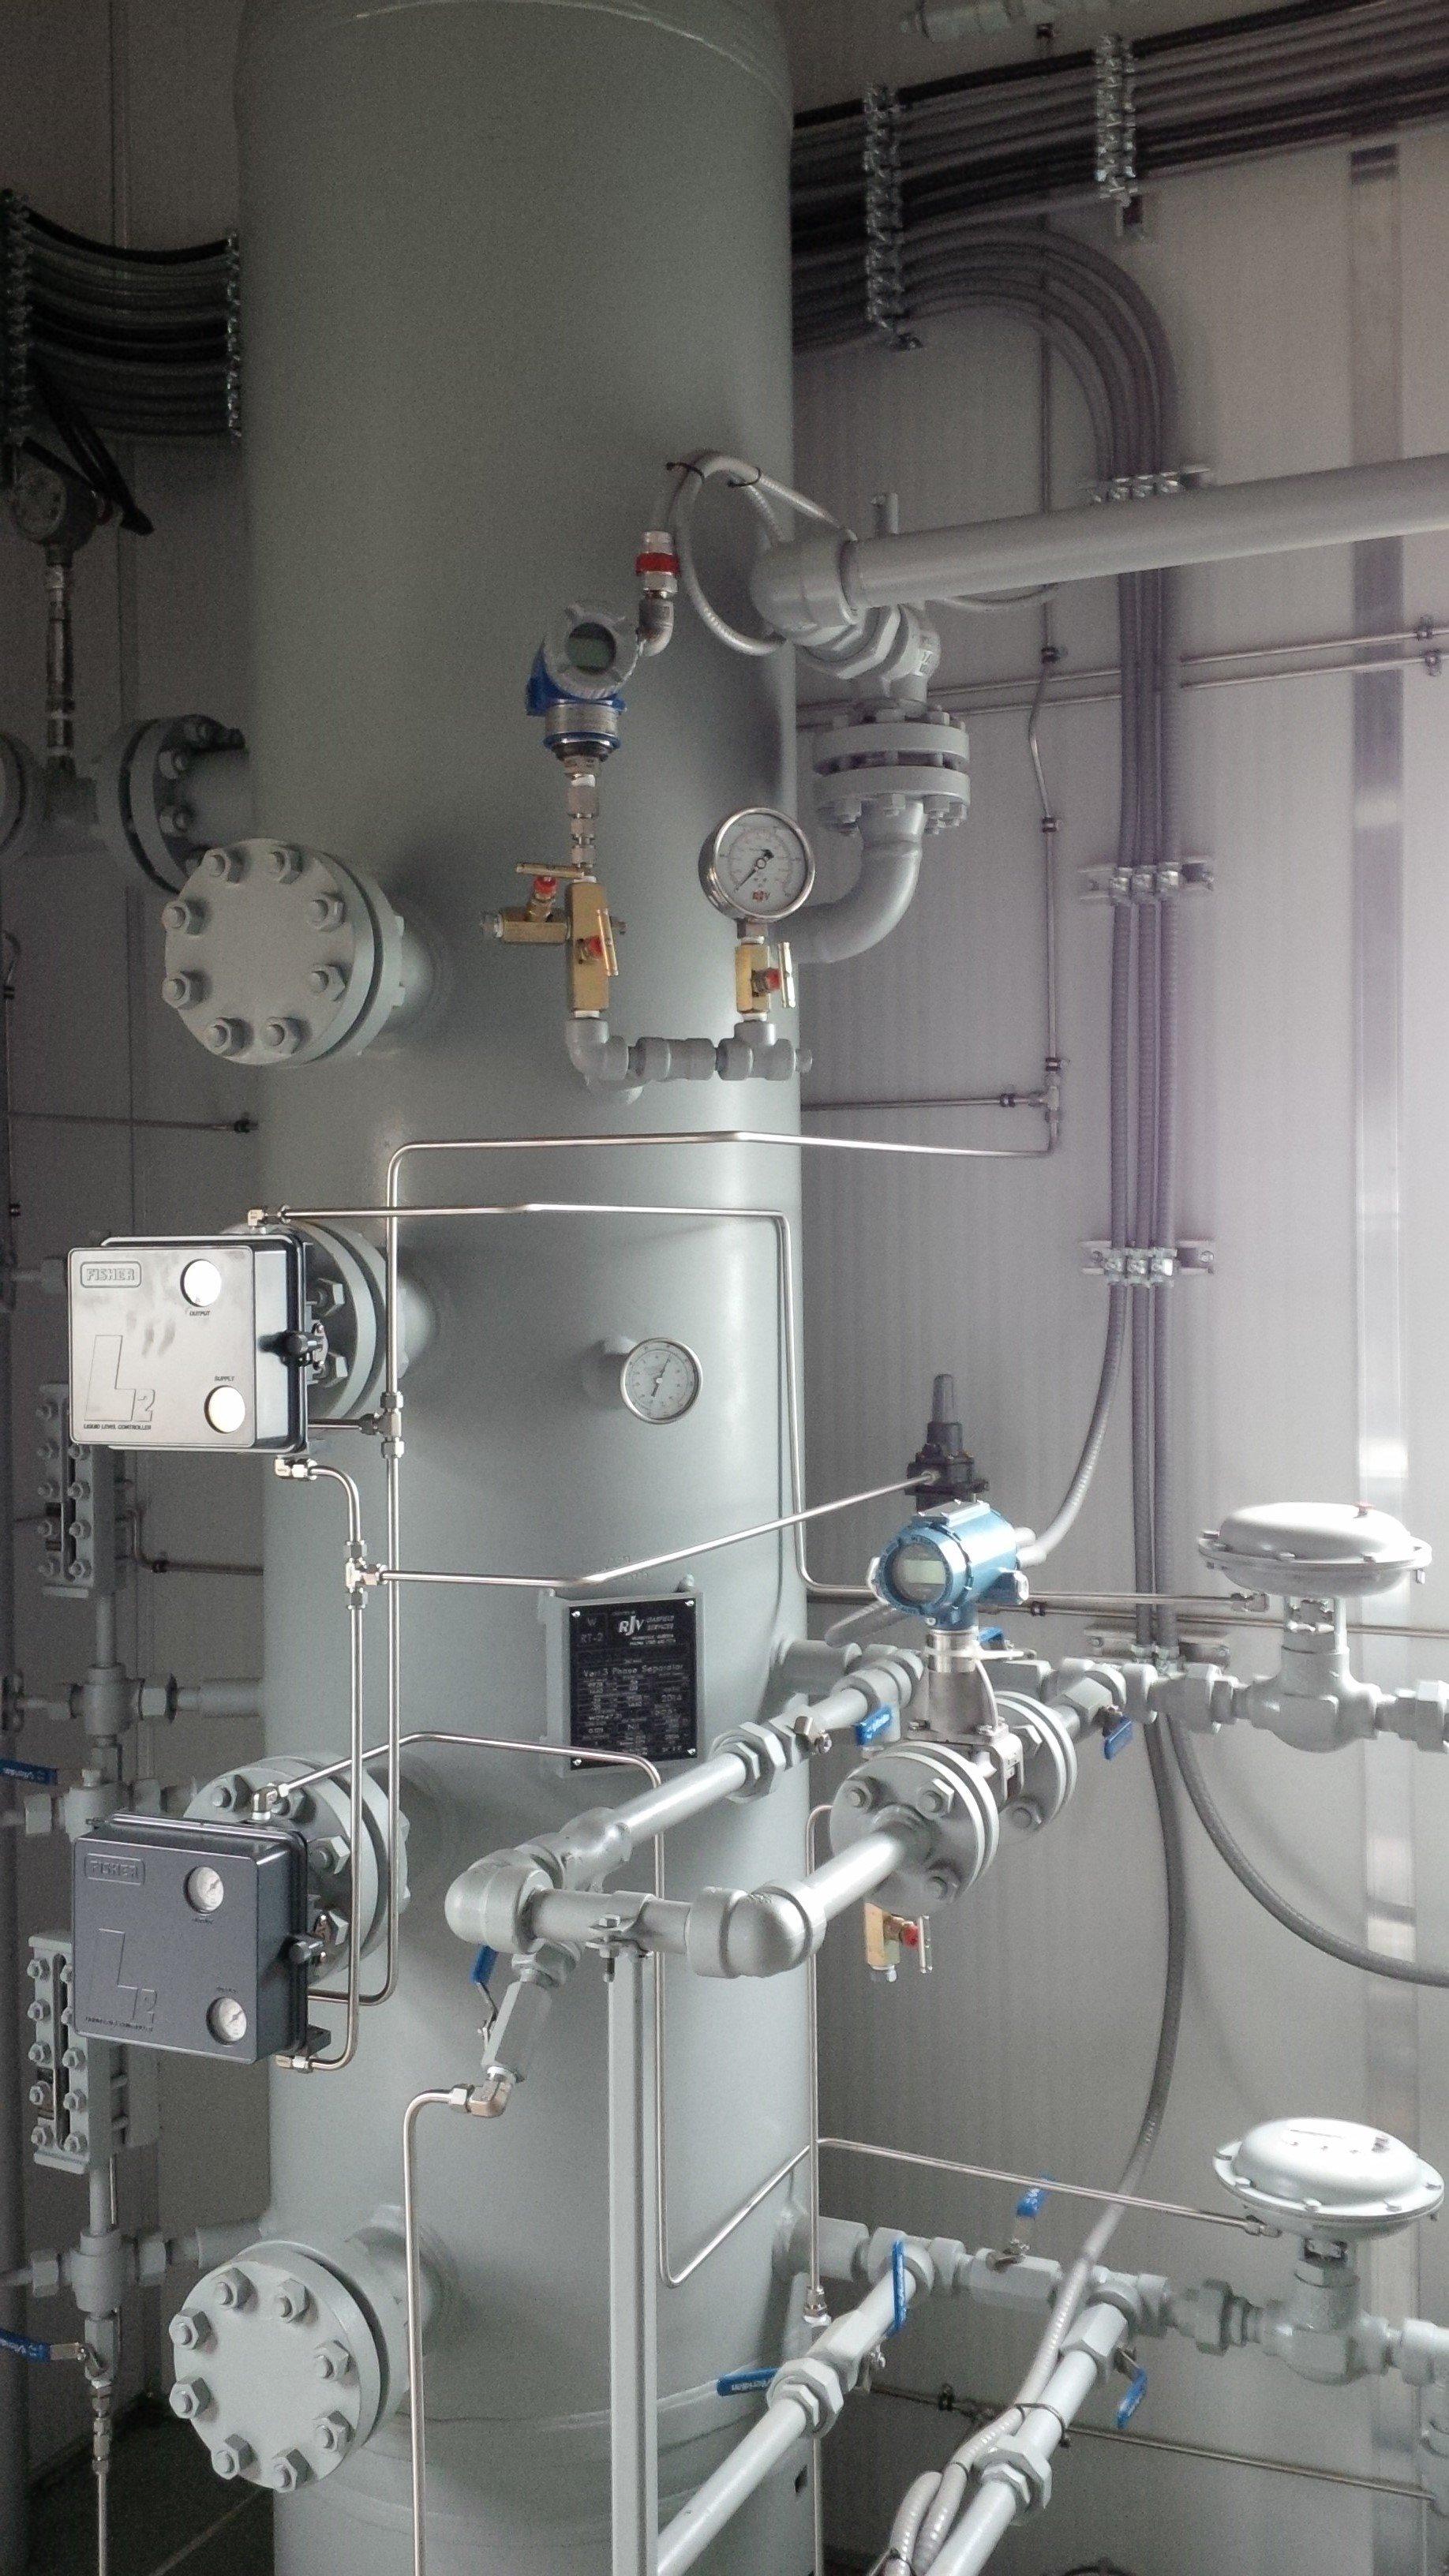 24 Prime Separator Metering 34500 Liter Tank Package RJV Gas